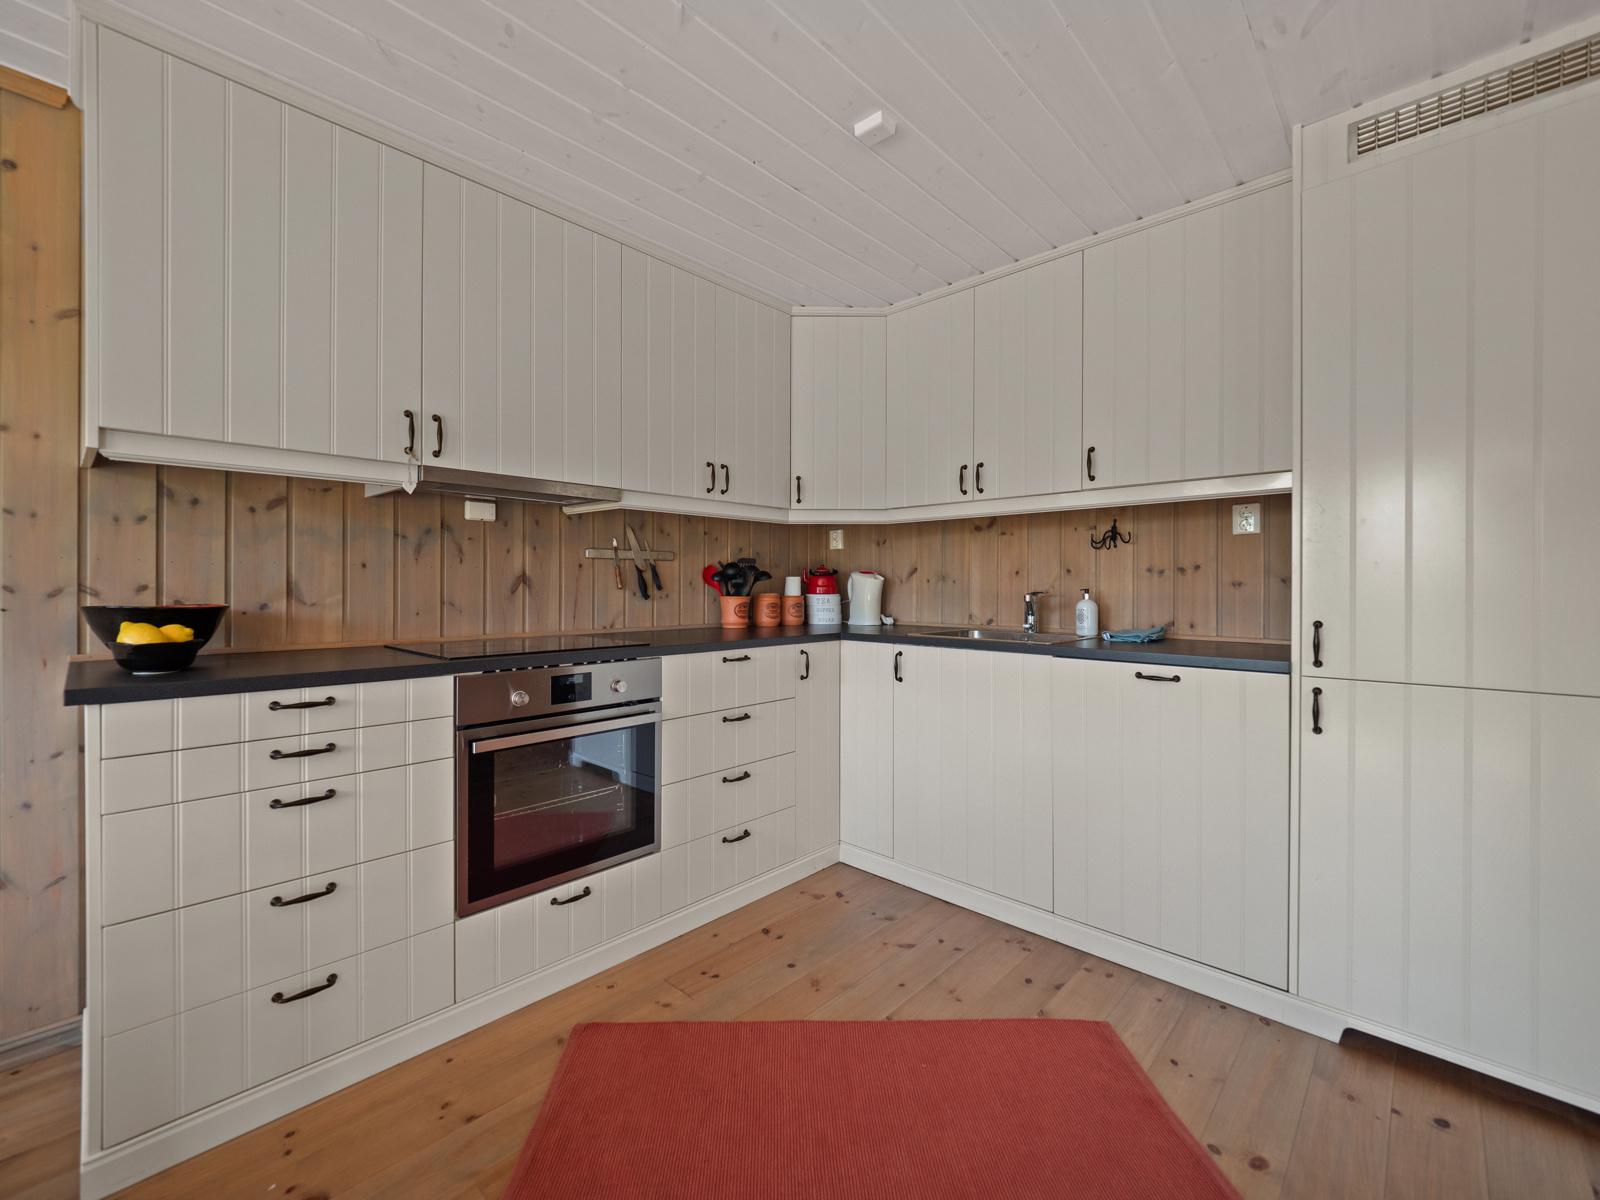 Kjøkkeninnredning med integrert platetopp, komfyr, oppvaskmaskin og kjøl/frys